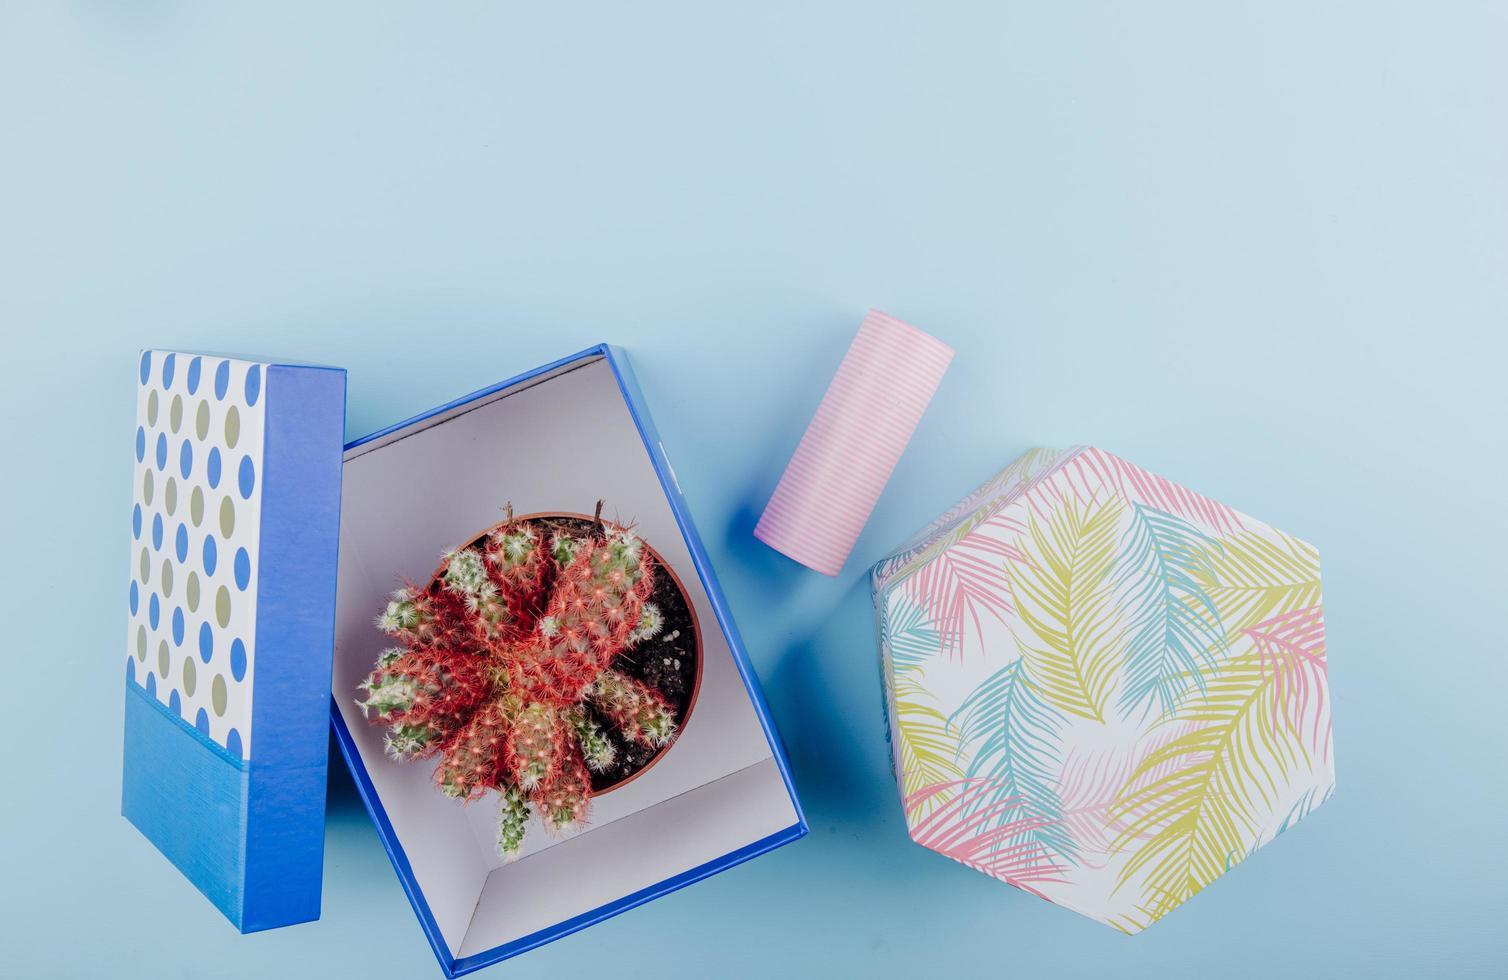 Vue de dessus d'un cactus dans un pot de fleurs dans une boîte cadeau en carton photo